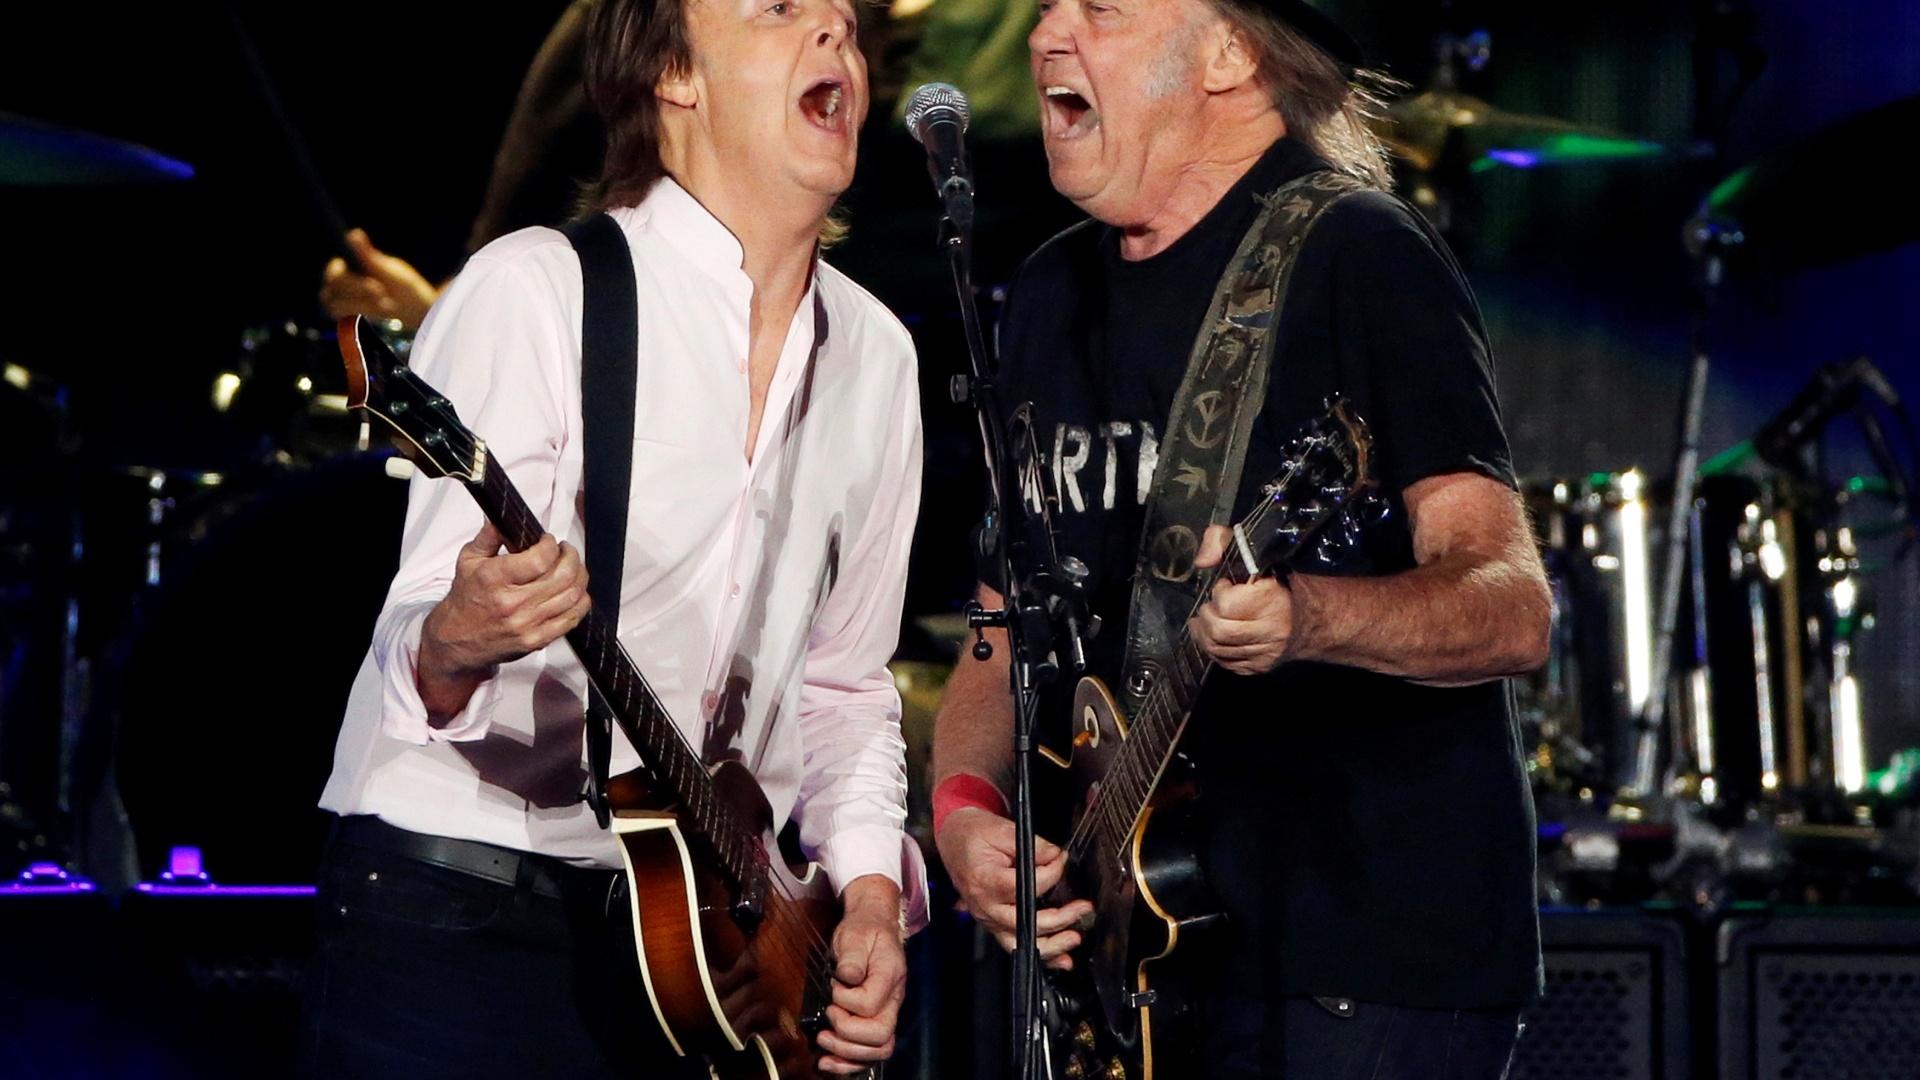 8.out.2016 - Paul McCartney recebe Neil Young no palco durante seu show no Desert Trip, megafestival que reuniu os maiores nomes do rock na cidade de Indio, na Califórnia